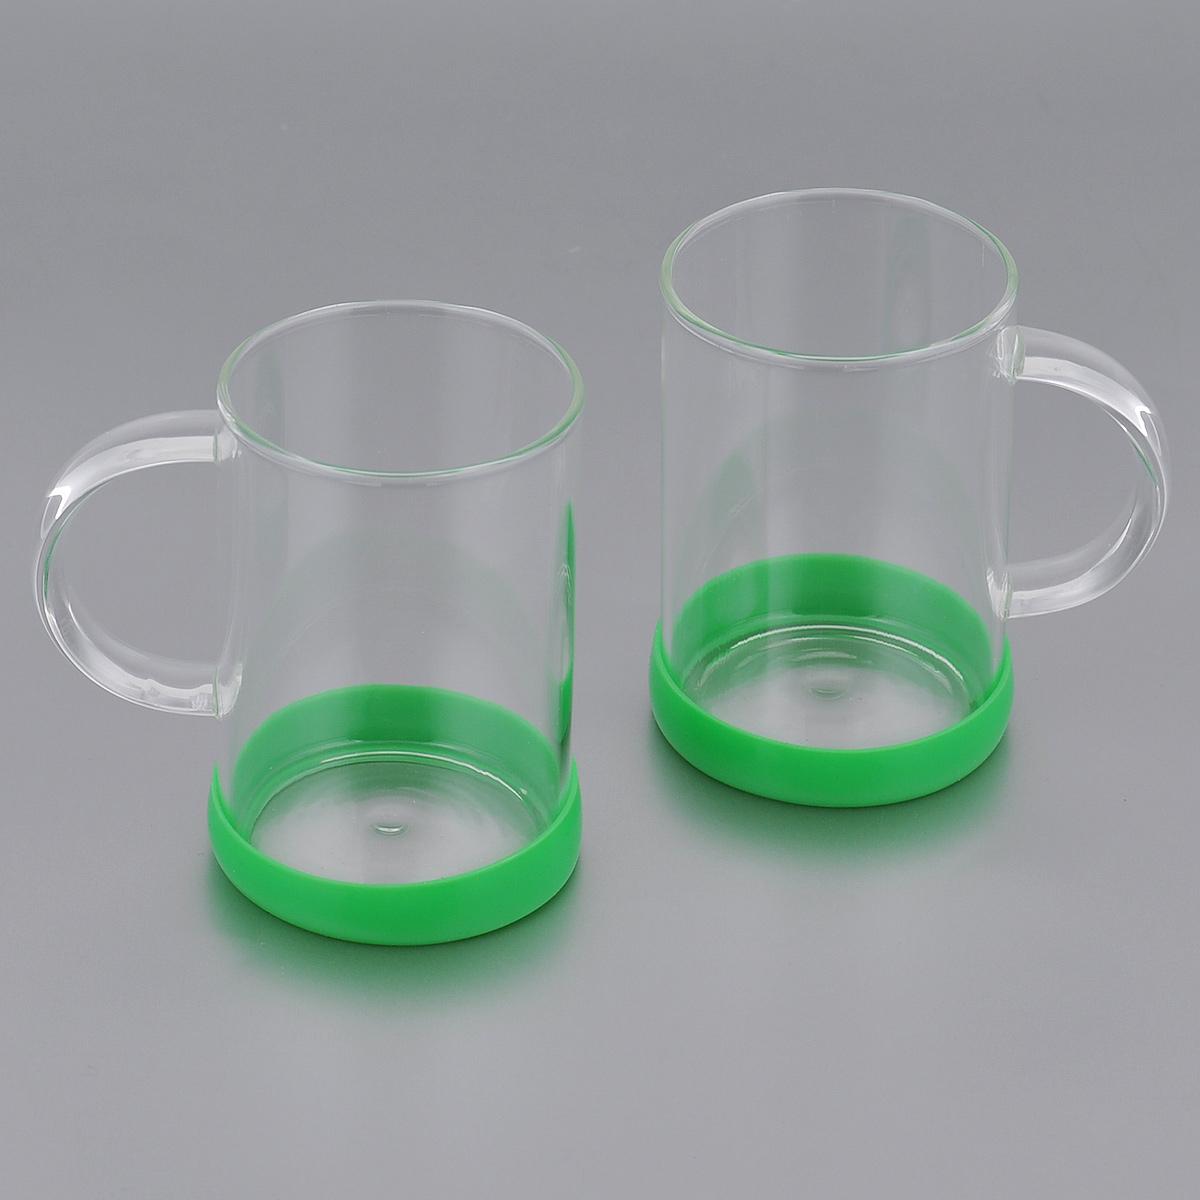 Набор стаканов Apollo Bauble, цвет: зеленый, 260 мл, 2 штBBL-02Набор Apollo Bauble, состоящий из двух стаканов, несомненно, придется вам по душе. Стаканы изготовлены из жаропрочного стекла и оснащены противоскользящими силиконовыми основаниями. Современный дизайн изделий полностью соответствует последним модным тенденциям в создании предметов бытовой техники.Набор стаканов Apollo Bauble станет также отличным подарком на любой праздник.Стаканы не рекомендуется мыть в посудомоечной машине. Диаметр стакана по верхнему краю: 6,5 см. Высота стакана: 10 см.